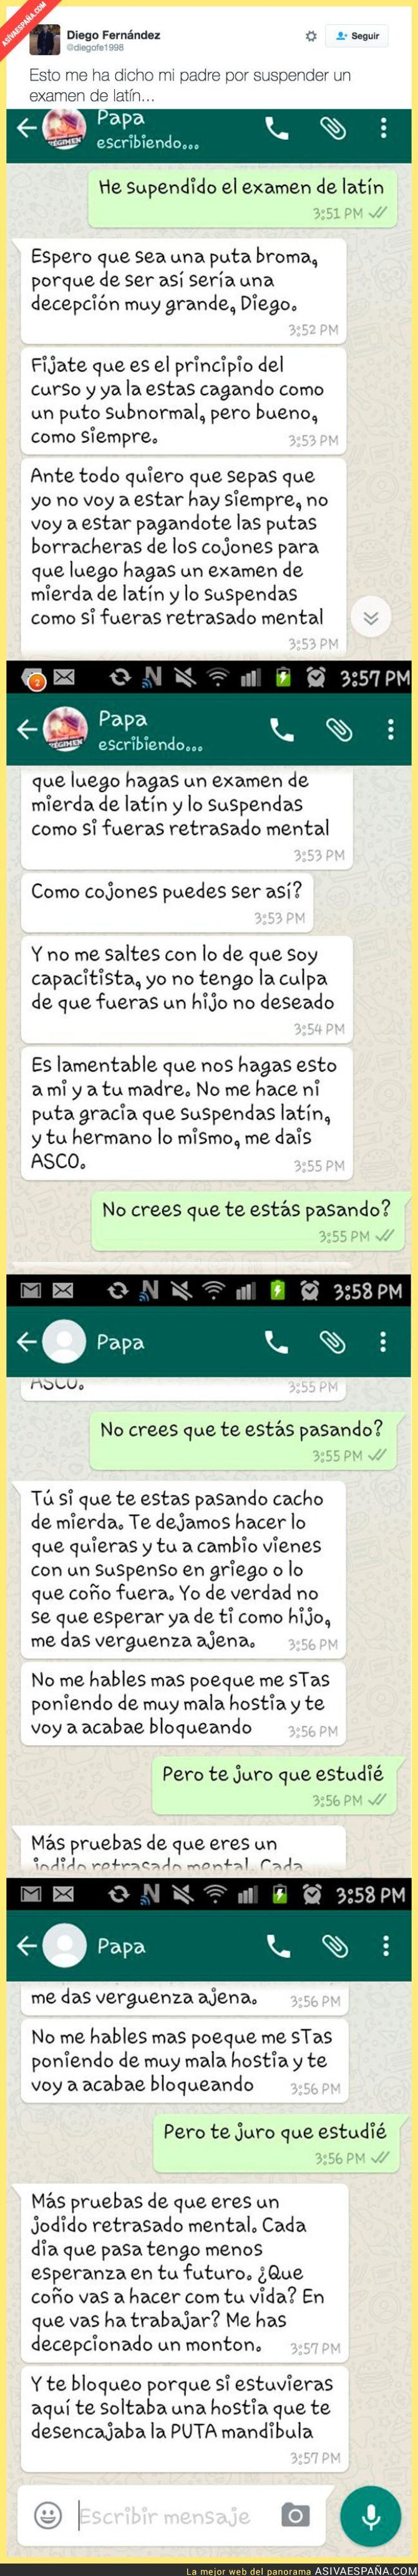 58729 - Le dice a su padre que ha suspendido un examen de latín y le lía la mundial por Whatsapp